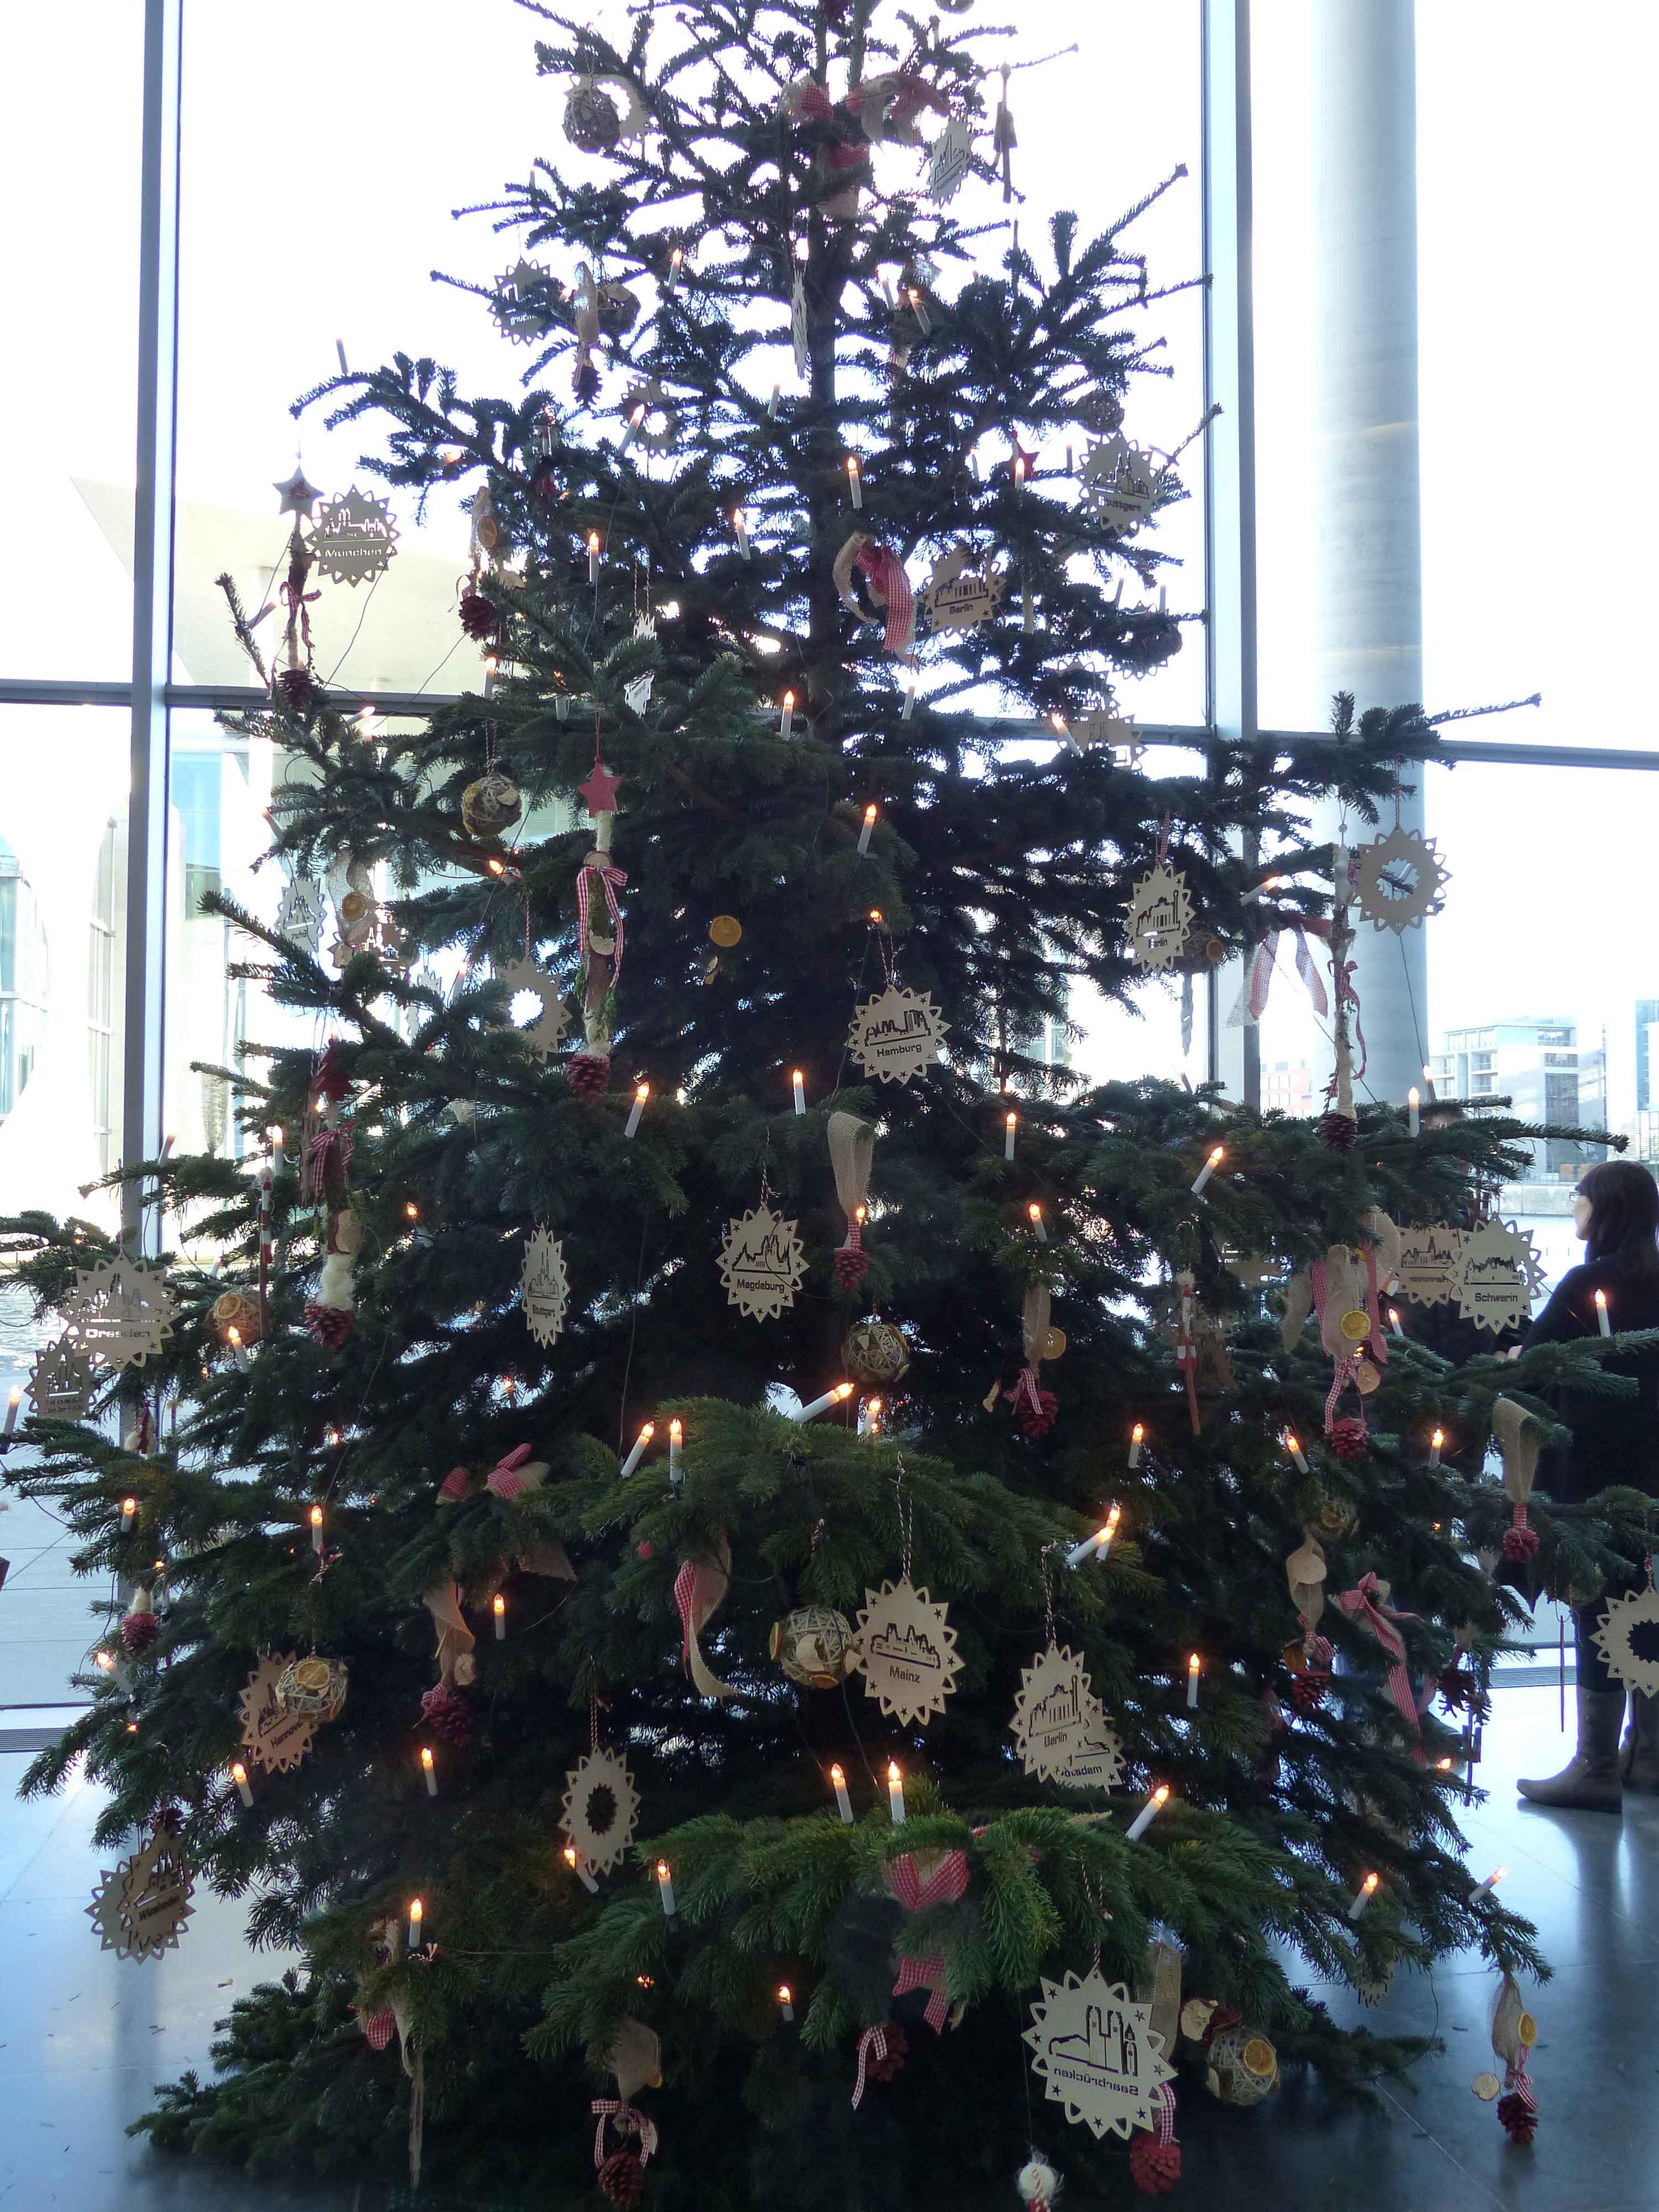 Wer Schmückt Den Weihnachtsbaum.Herforder Baumschmuck Schmückt Den Weihnachtsbaum Im Bundestag